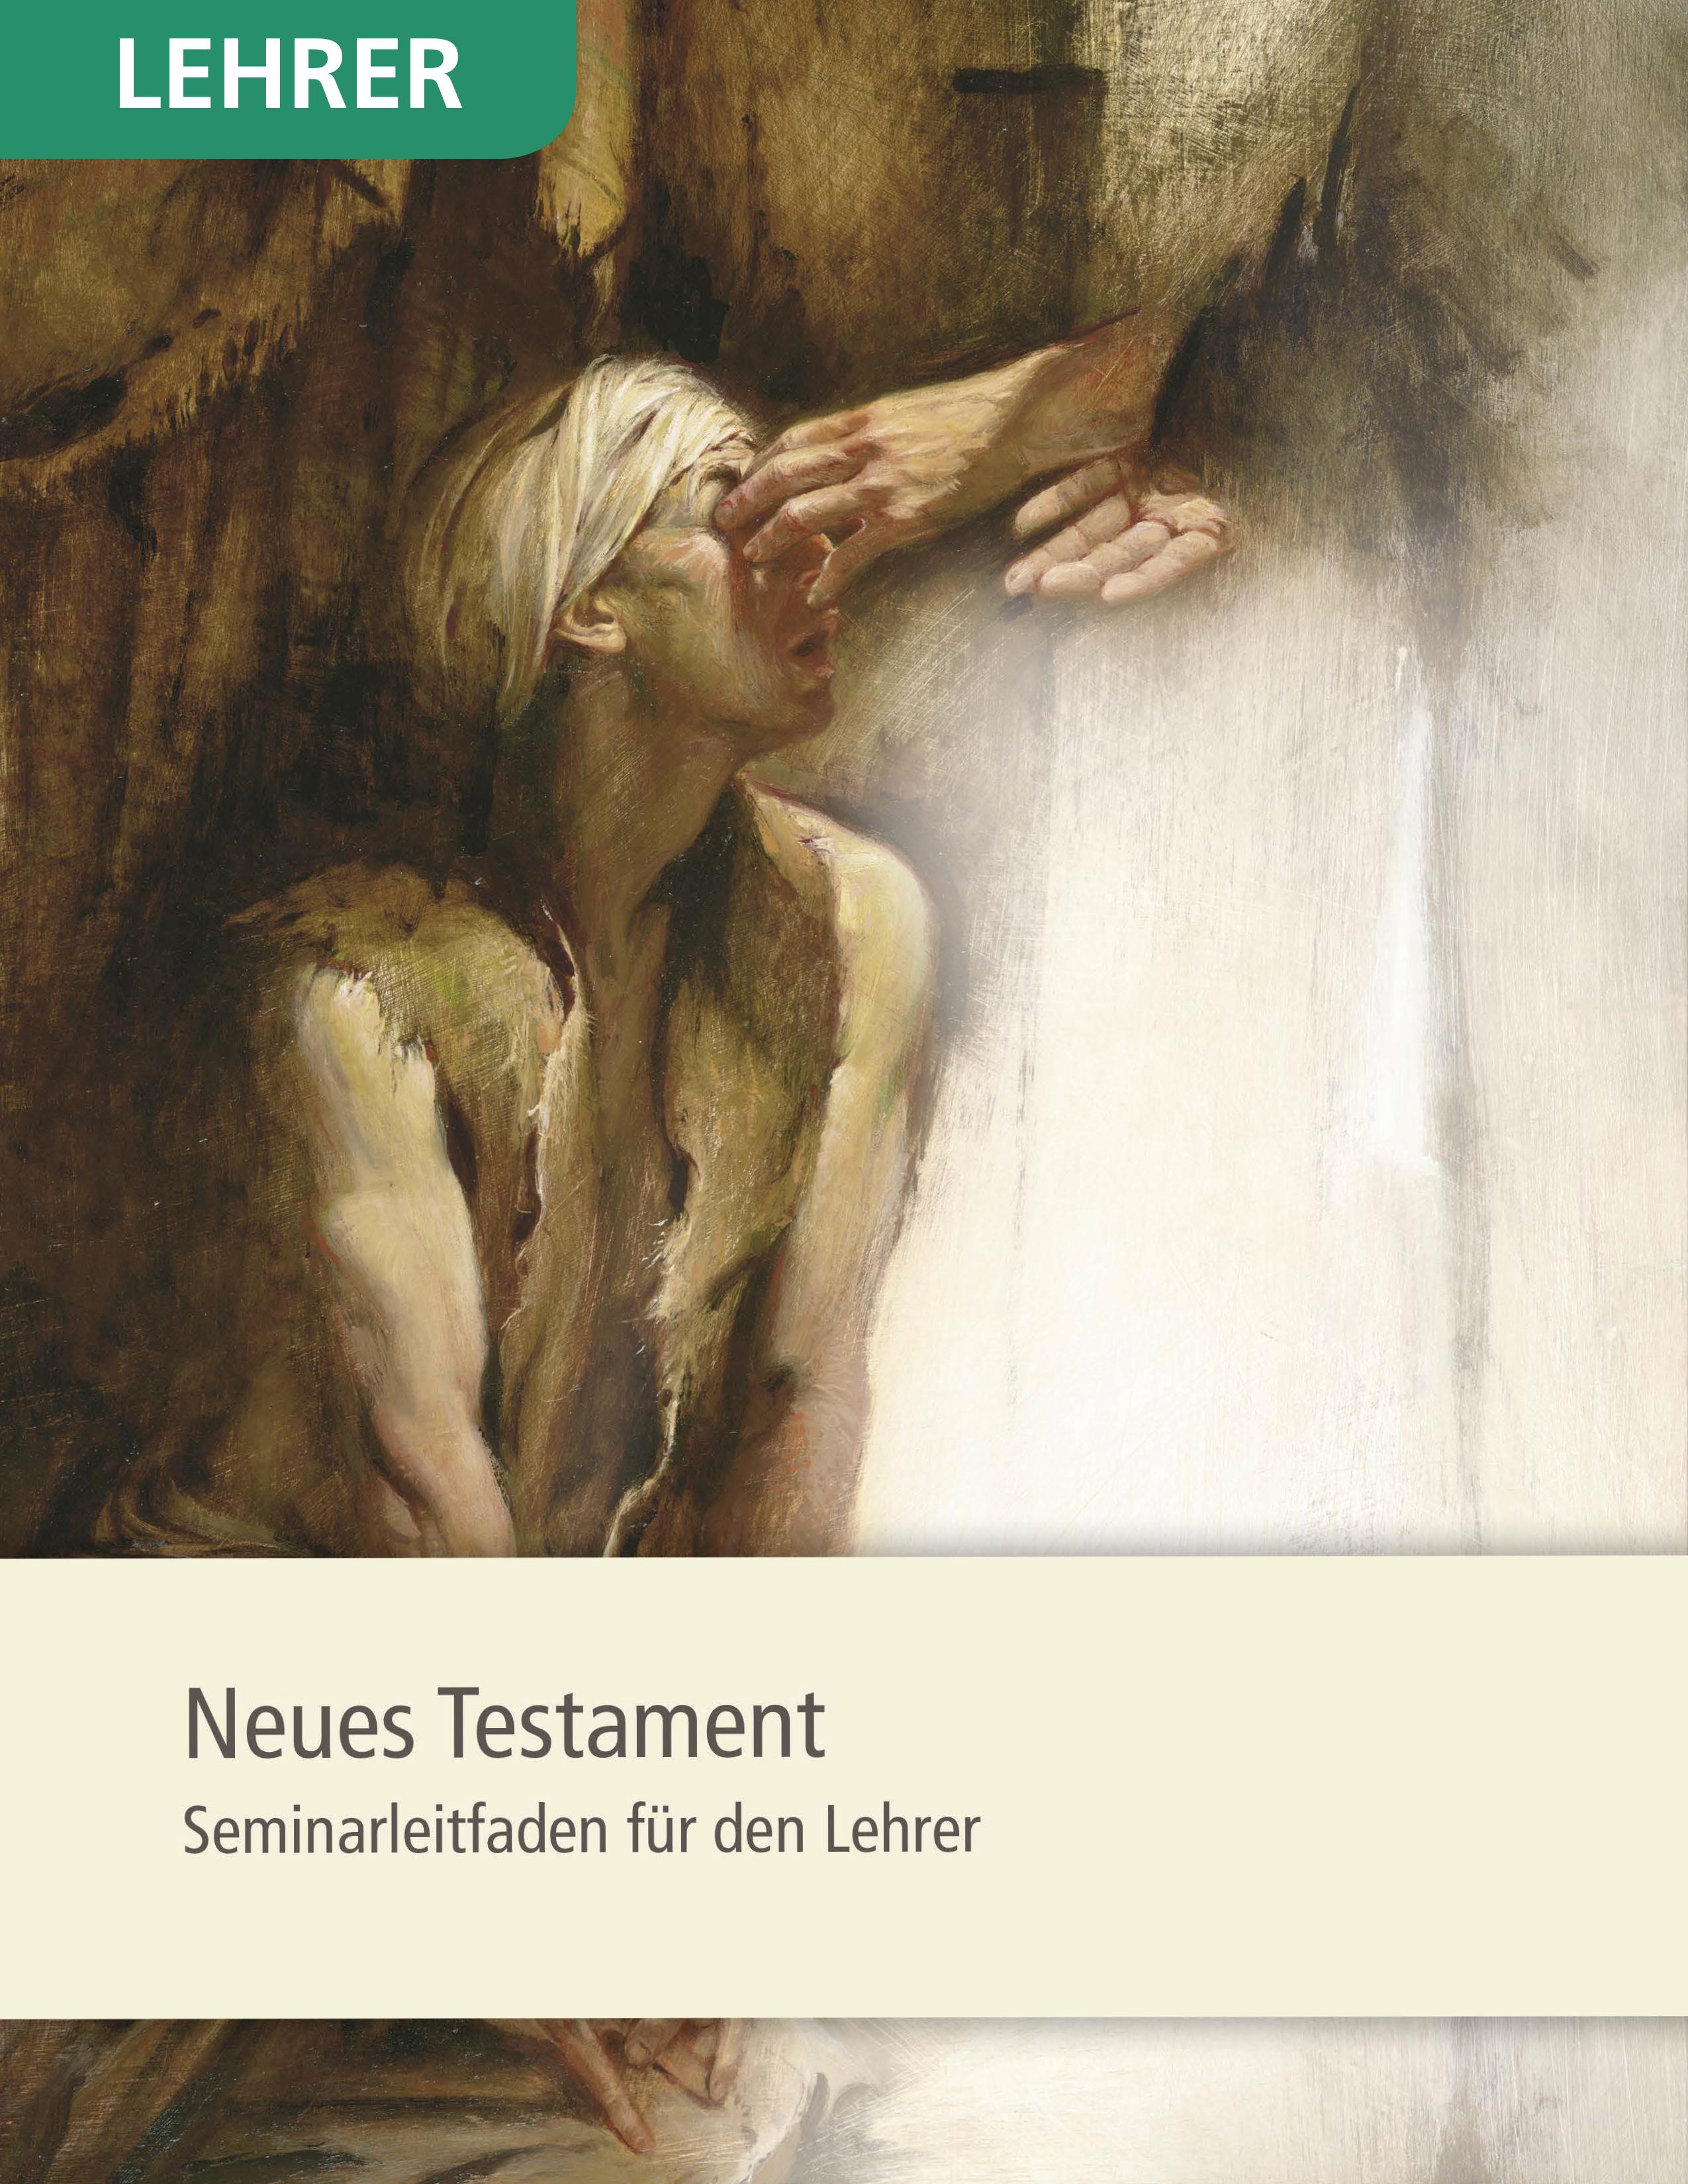 Neues Testament– Seminarleitfaden für den Lehrer